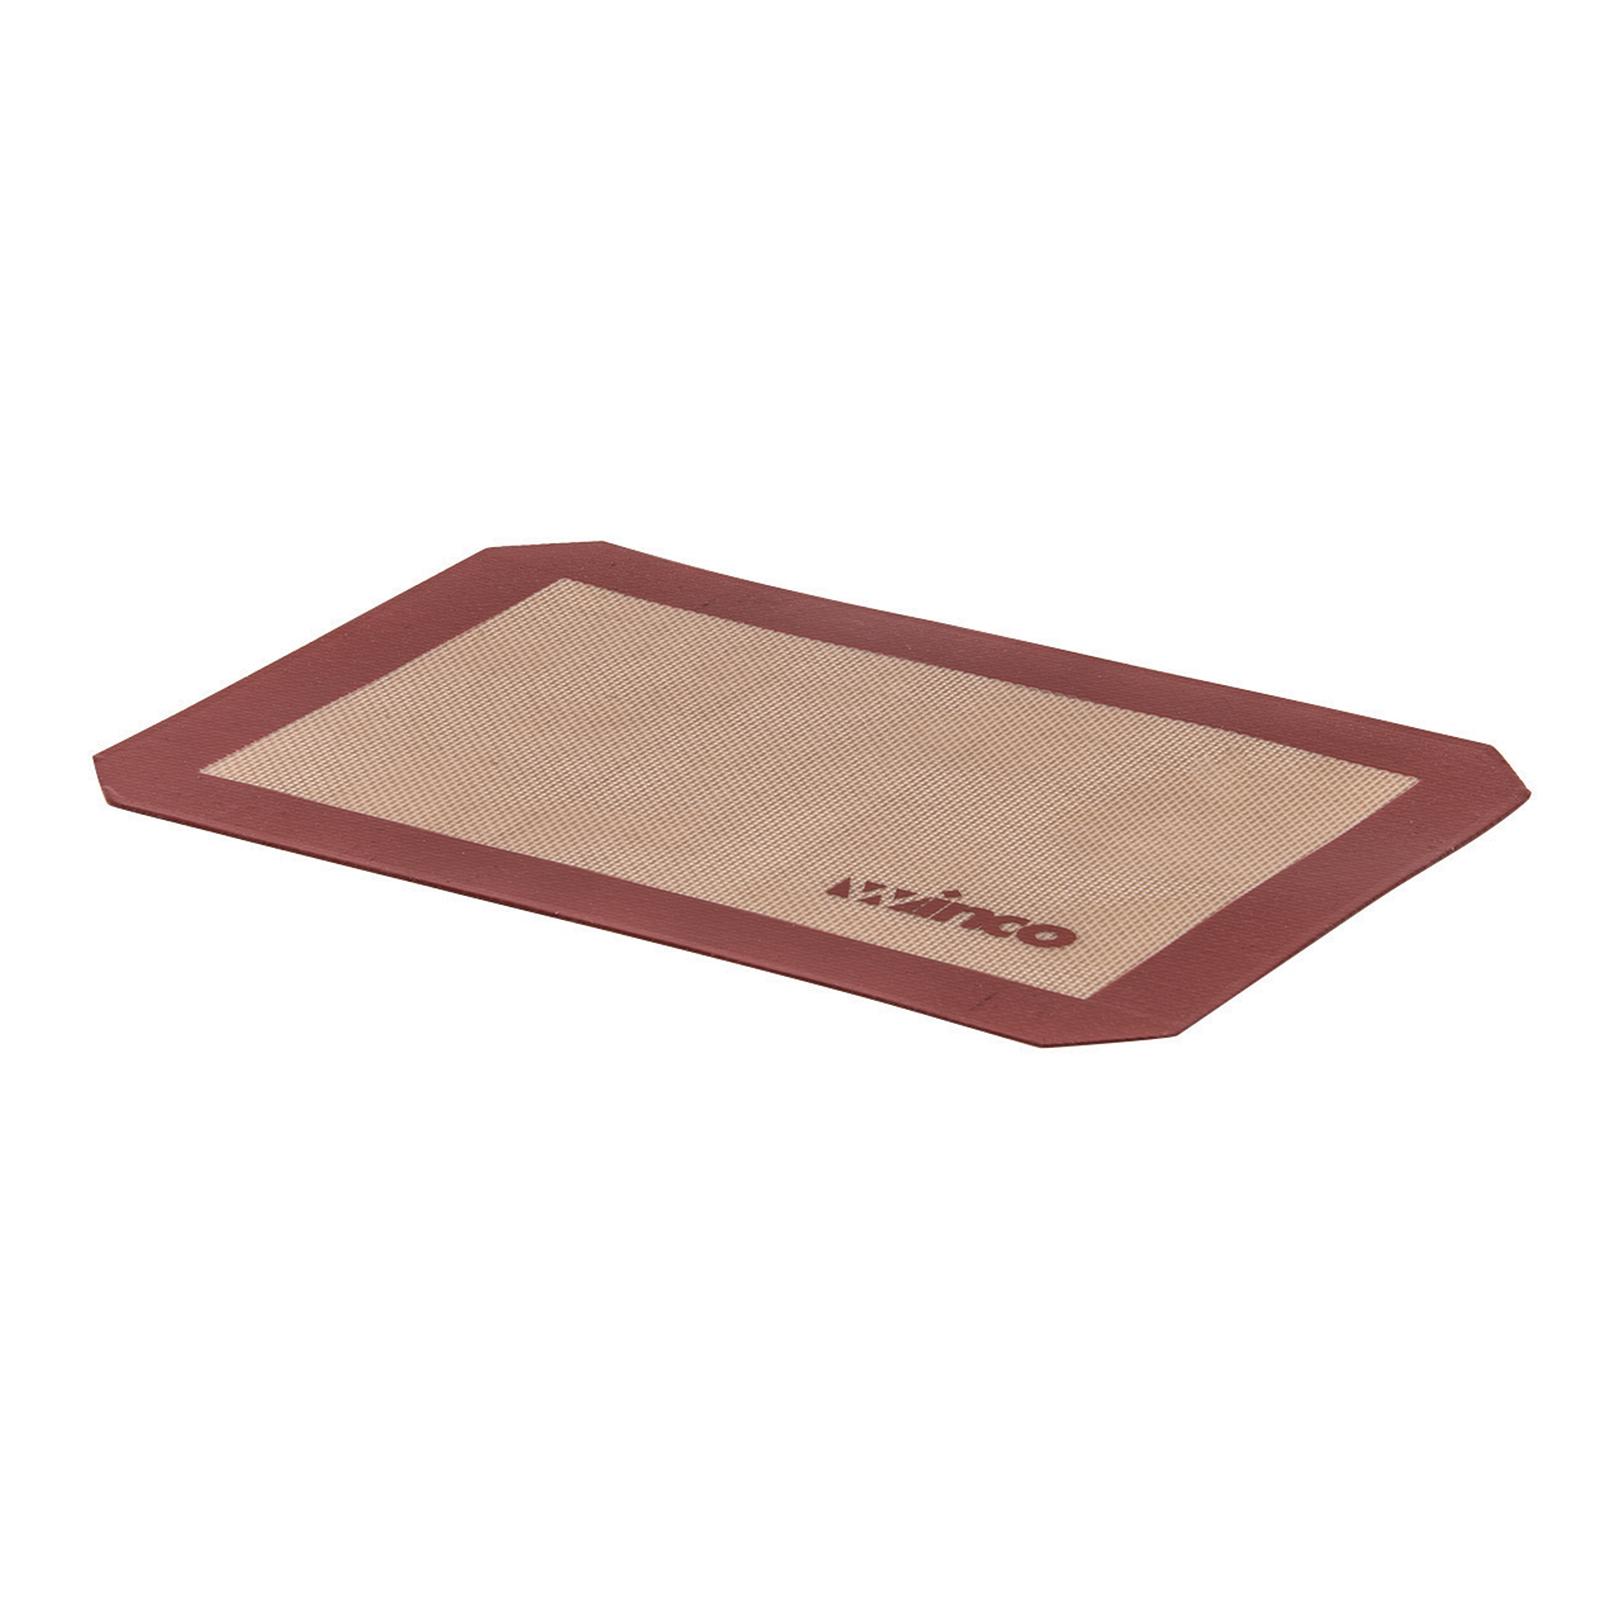 Winco SBS-21 baking mat